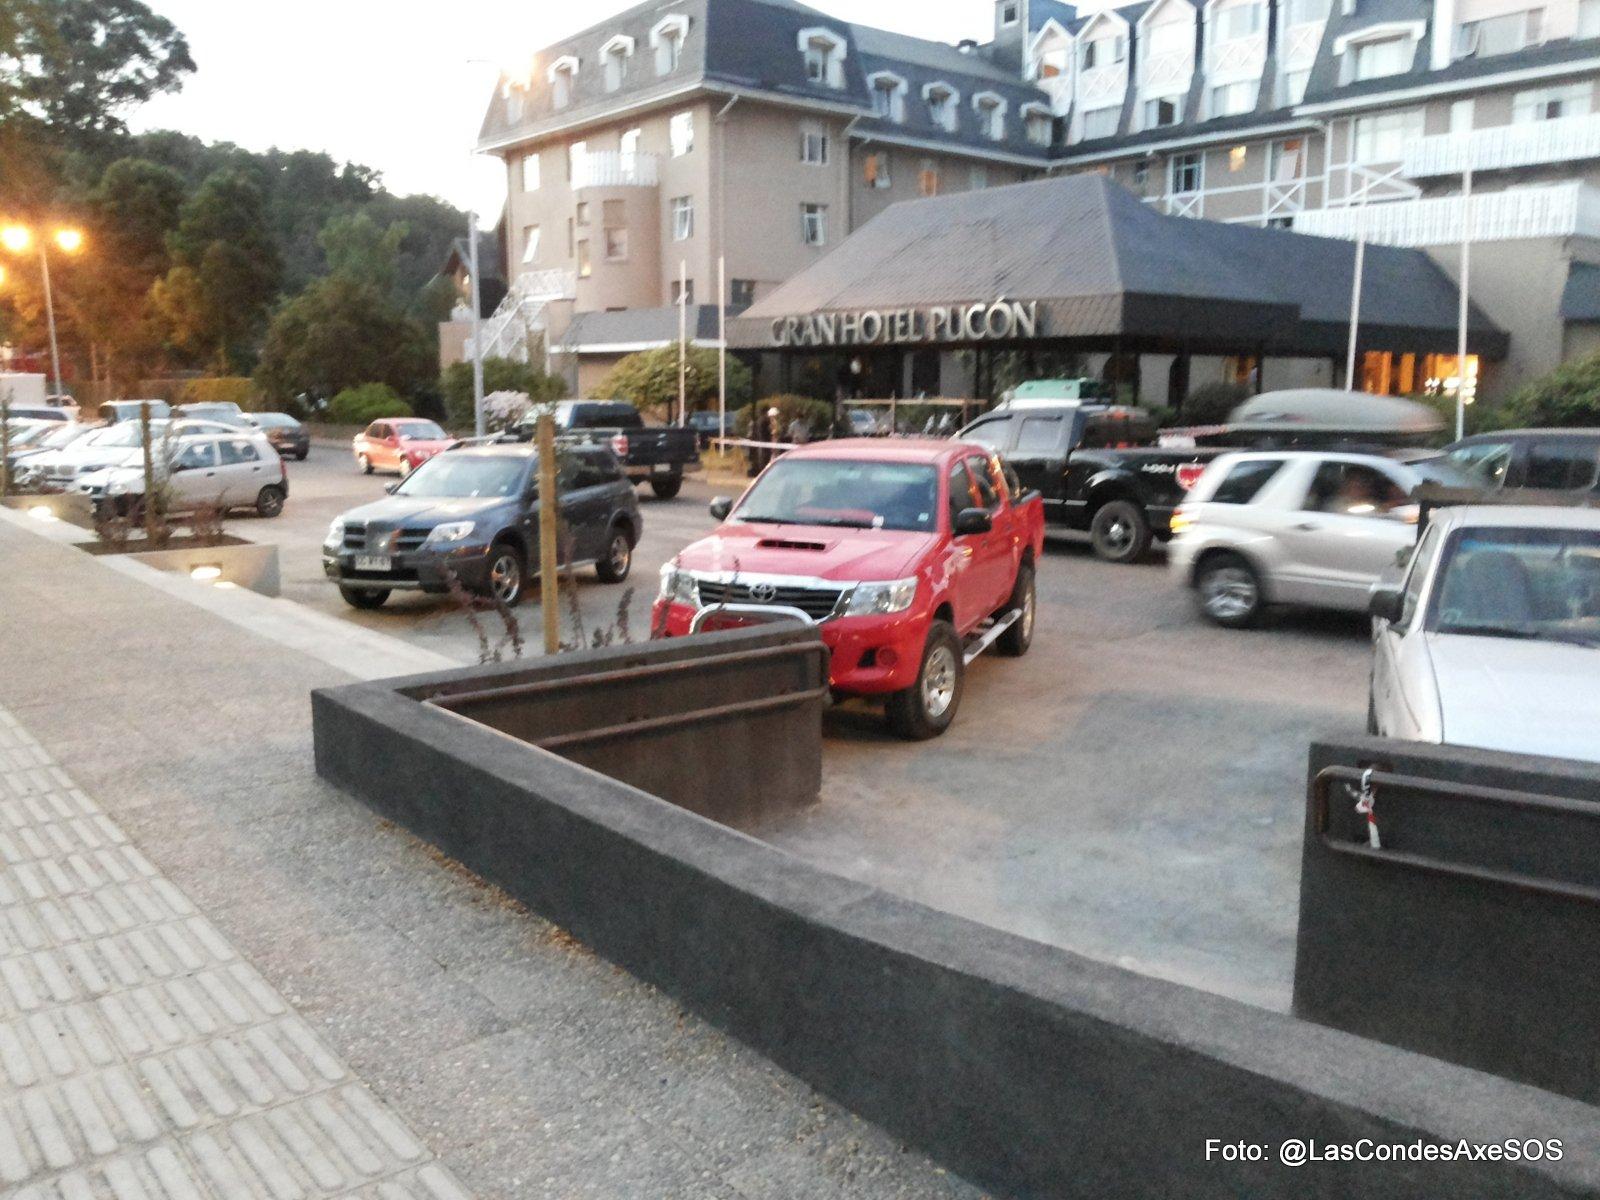 Acceso salida desde la plaza hacia lado norte sin vereda para circulación peatonal Pucon